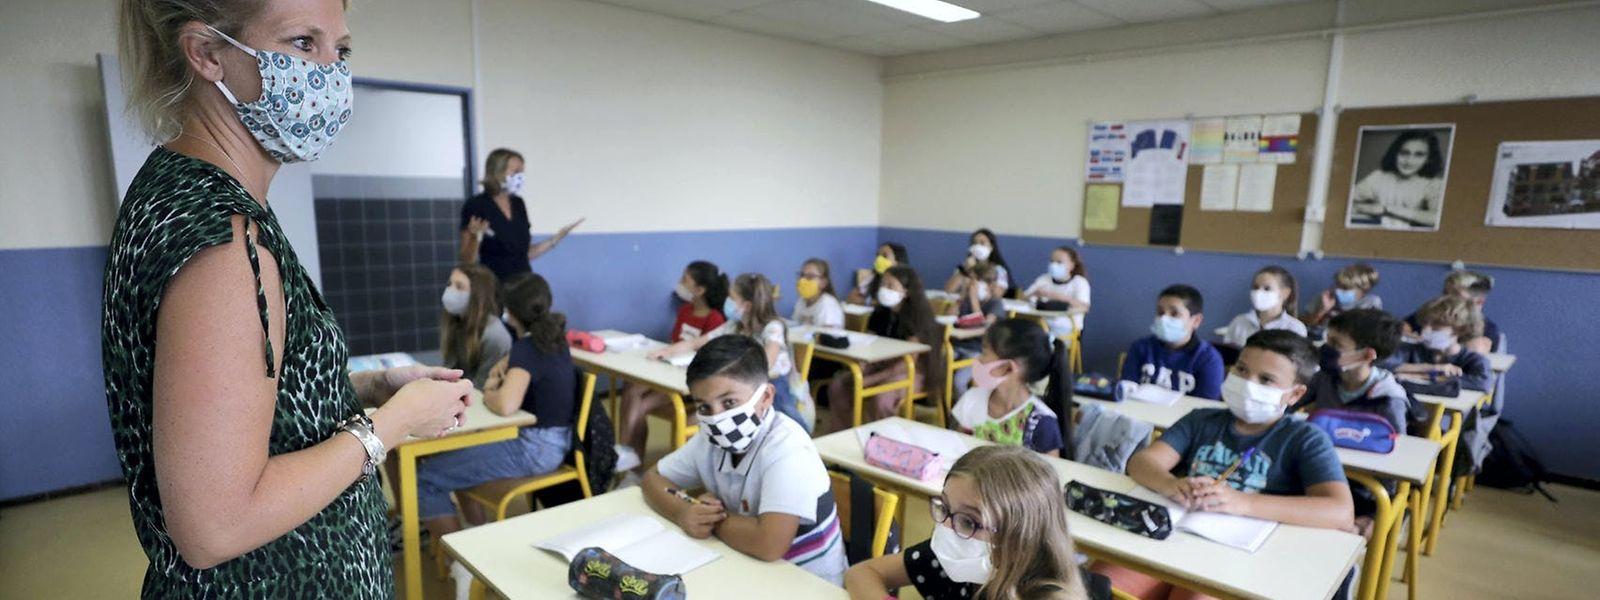 Aucun enseignant n'a été testé positif au virus la semaine dernière, rapporte le ministère de l'Education nationale.